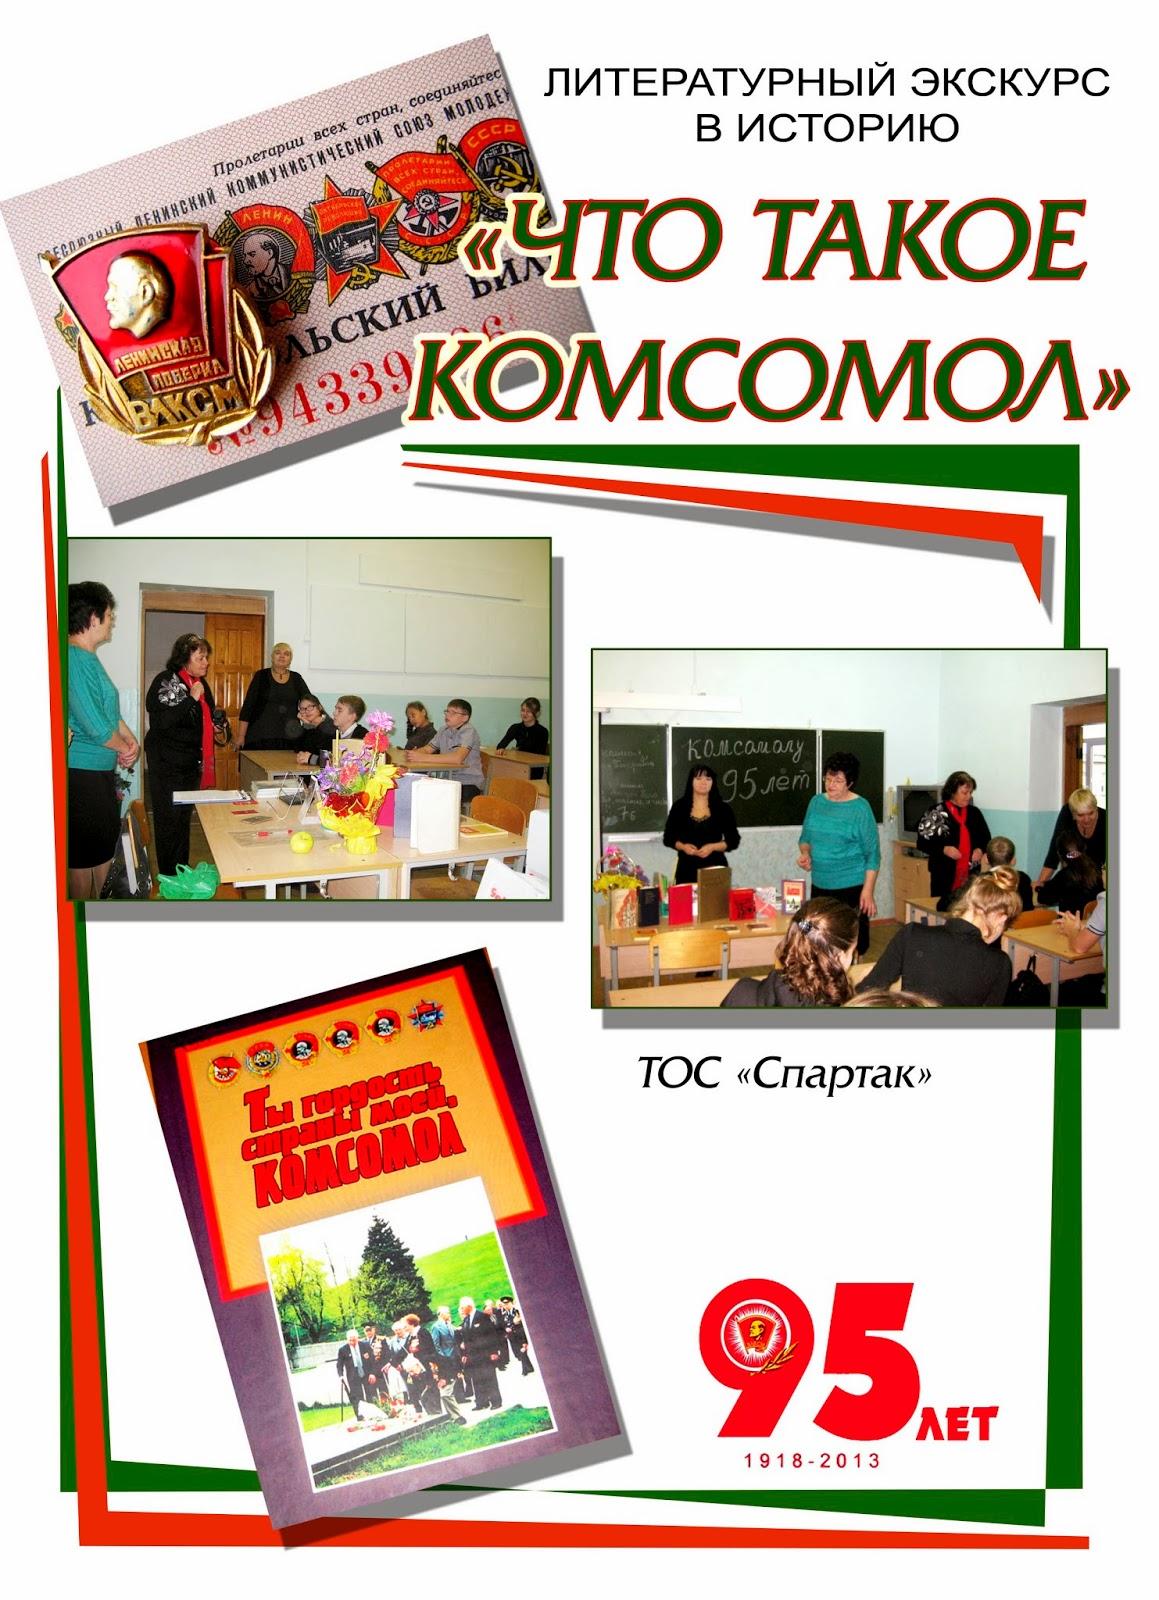 Дарение доли в квартире - КОНСУЛЬТАЦИИ ЮРИСТОВ 75